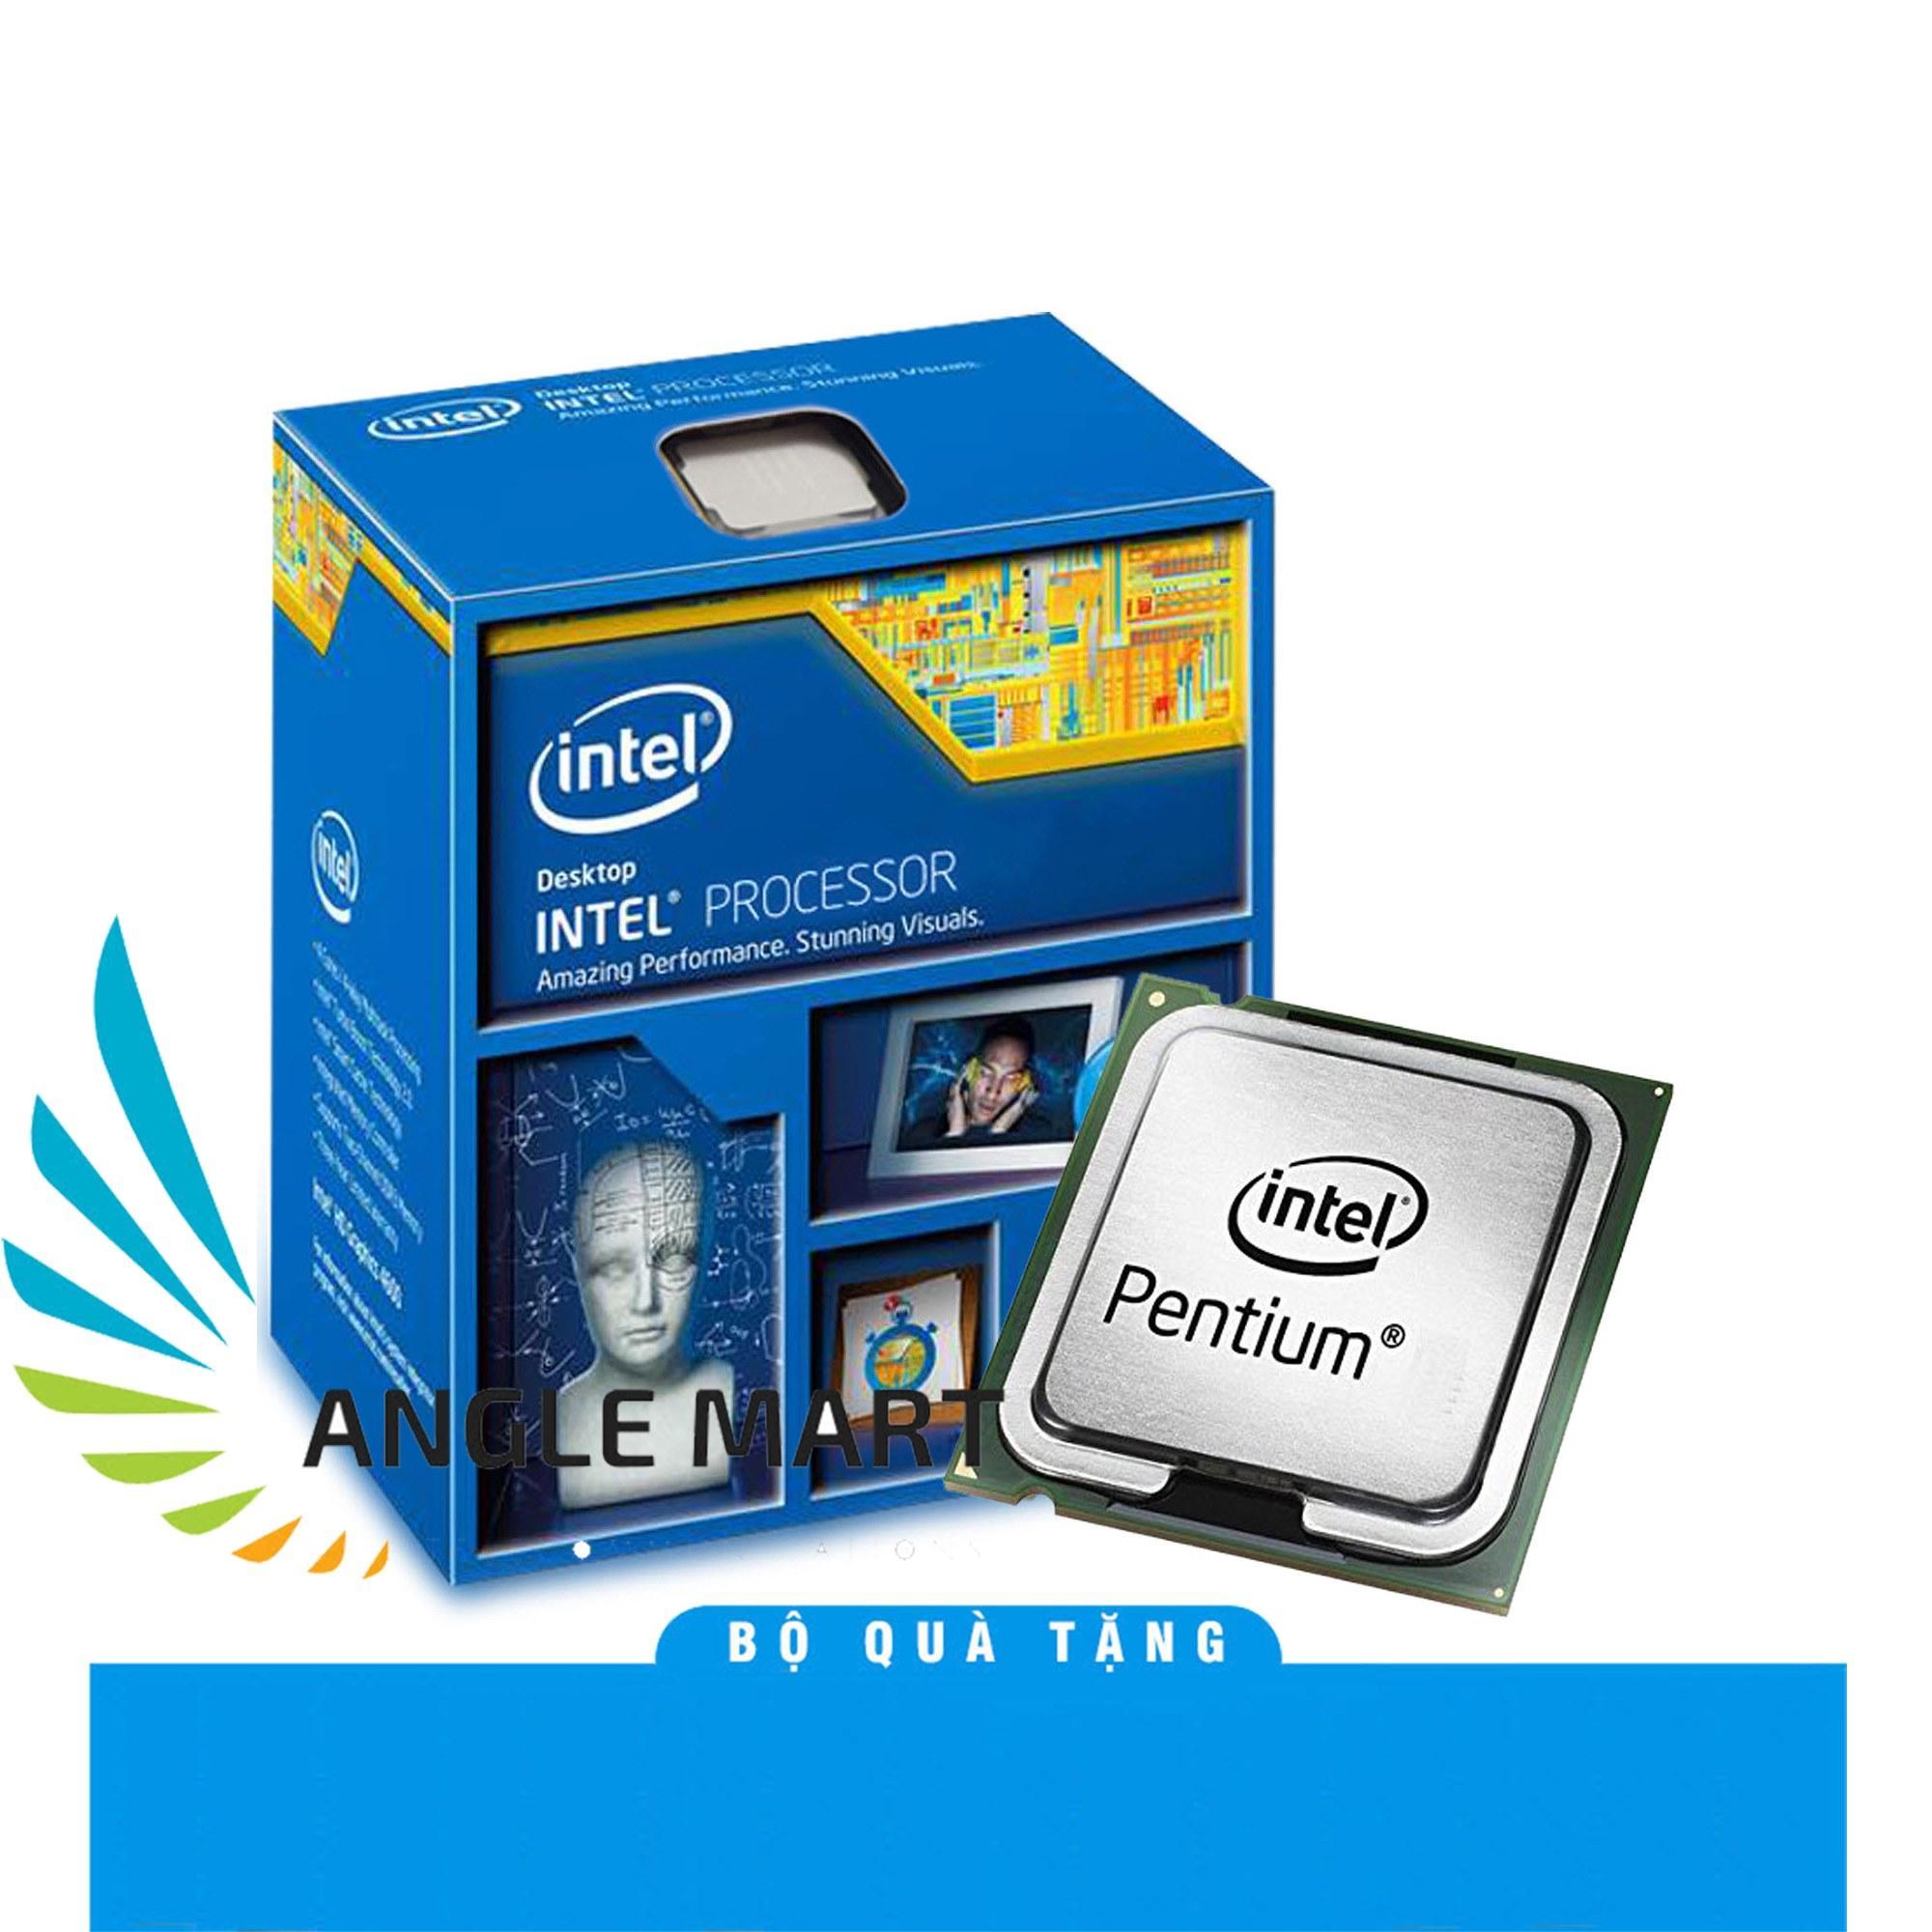 Giá Bộ vi xử lý Pentium G840 (2 lõi - 2 luồng) + Bộ Quà Tặng